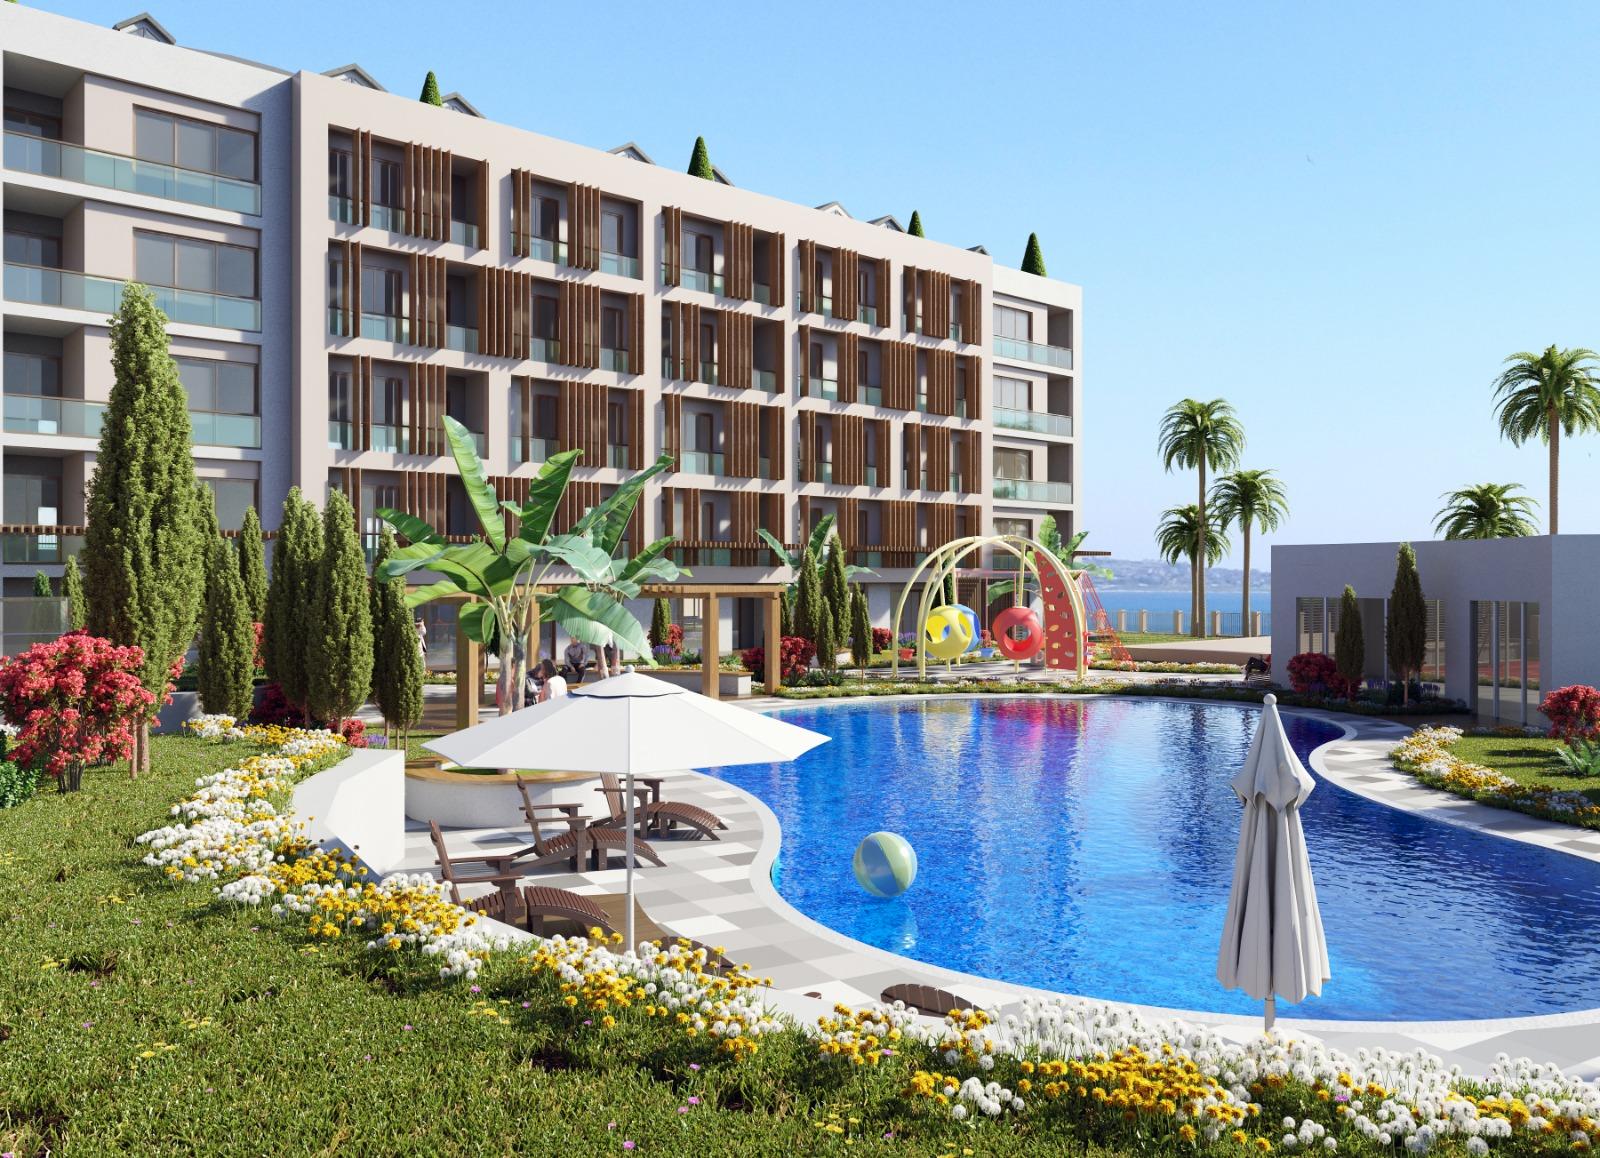 Апартаменты в новом комплексе на берегу моря - Фото 7